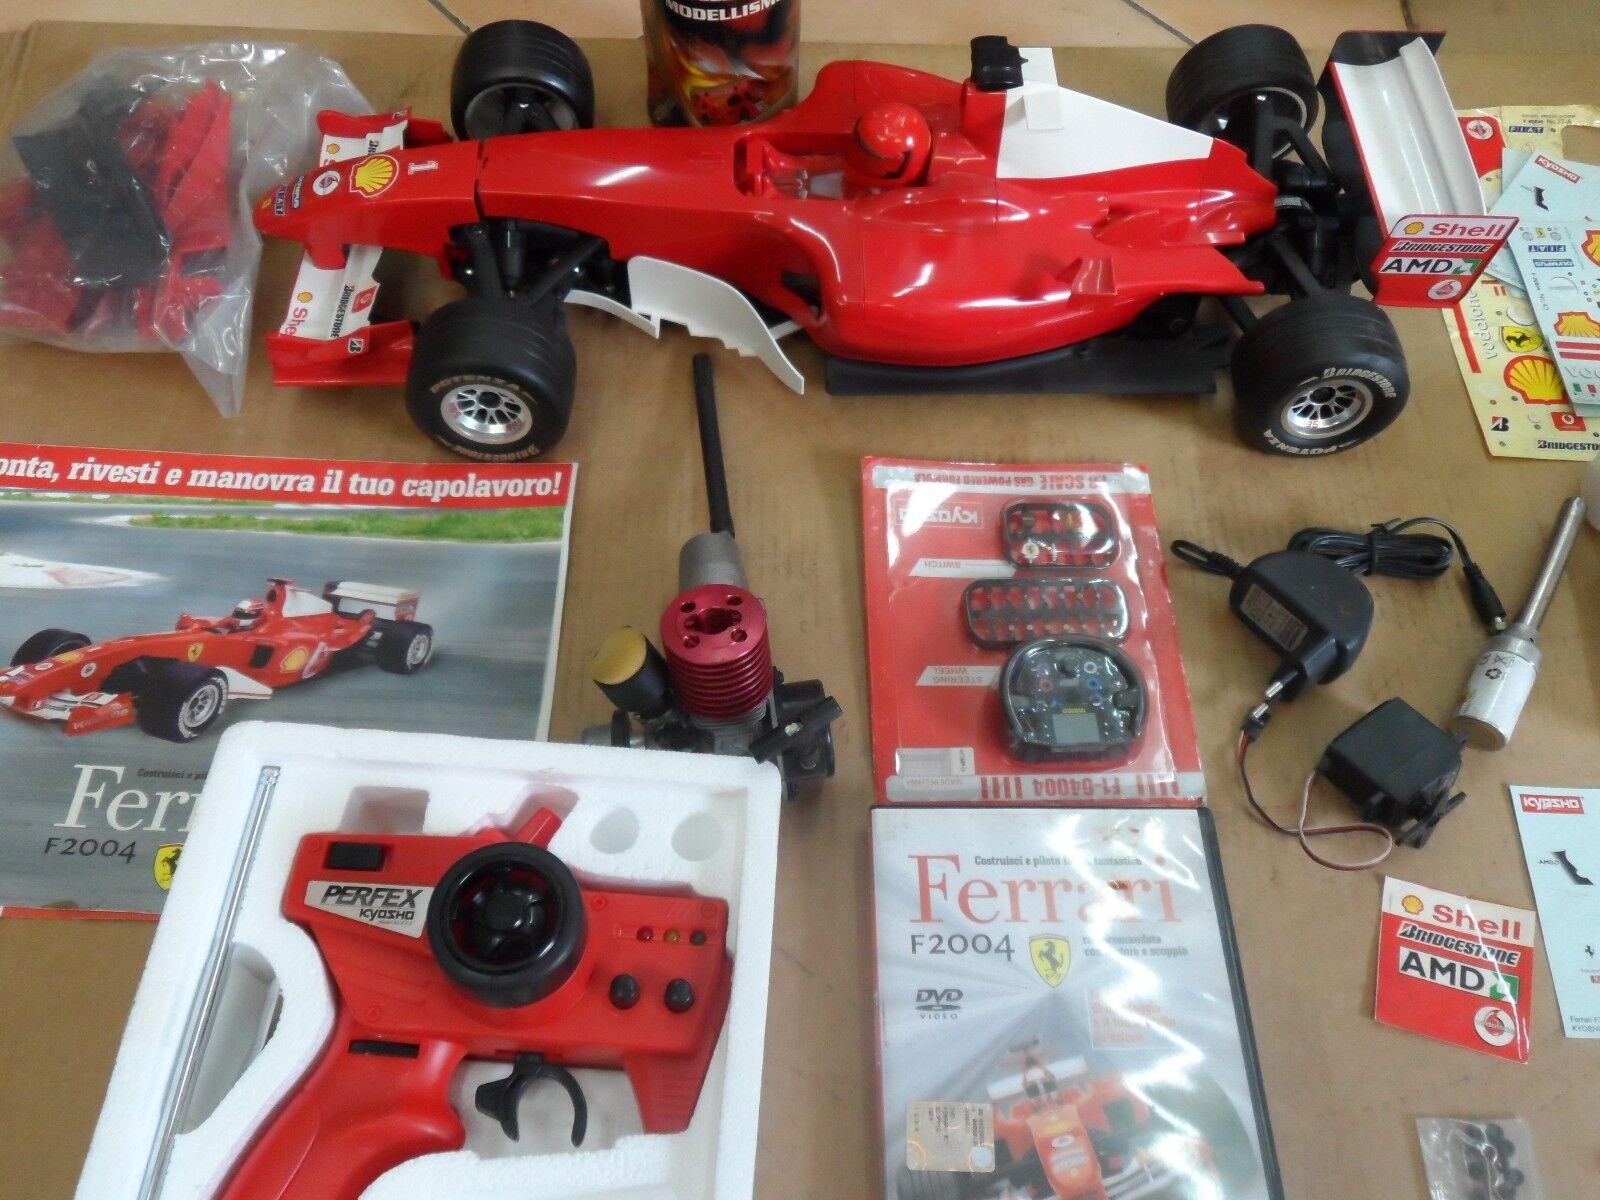 Modellino Ferrari F2004 scala da 1:8 completa di raccoglitori schede tecniche